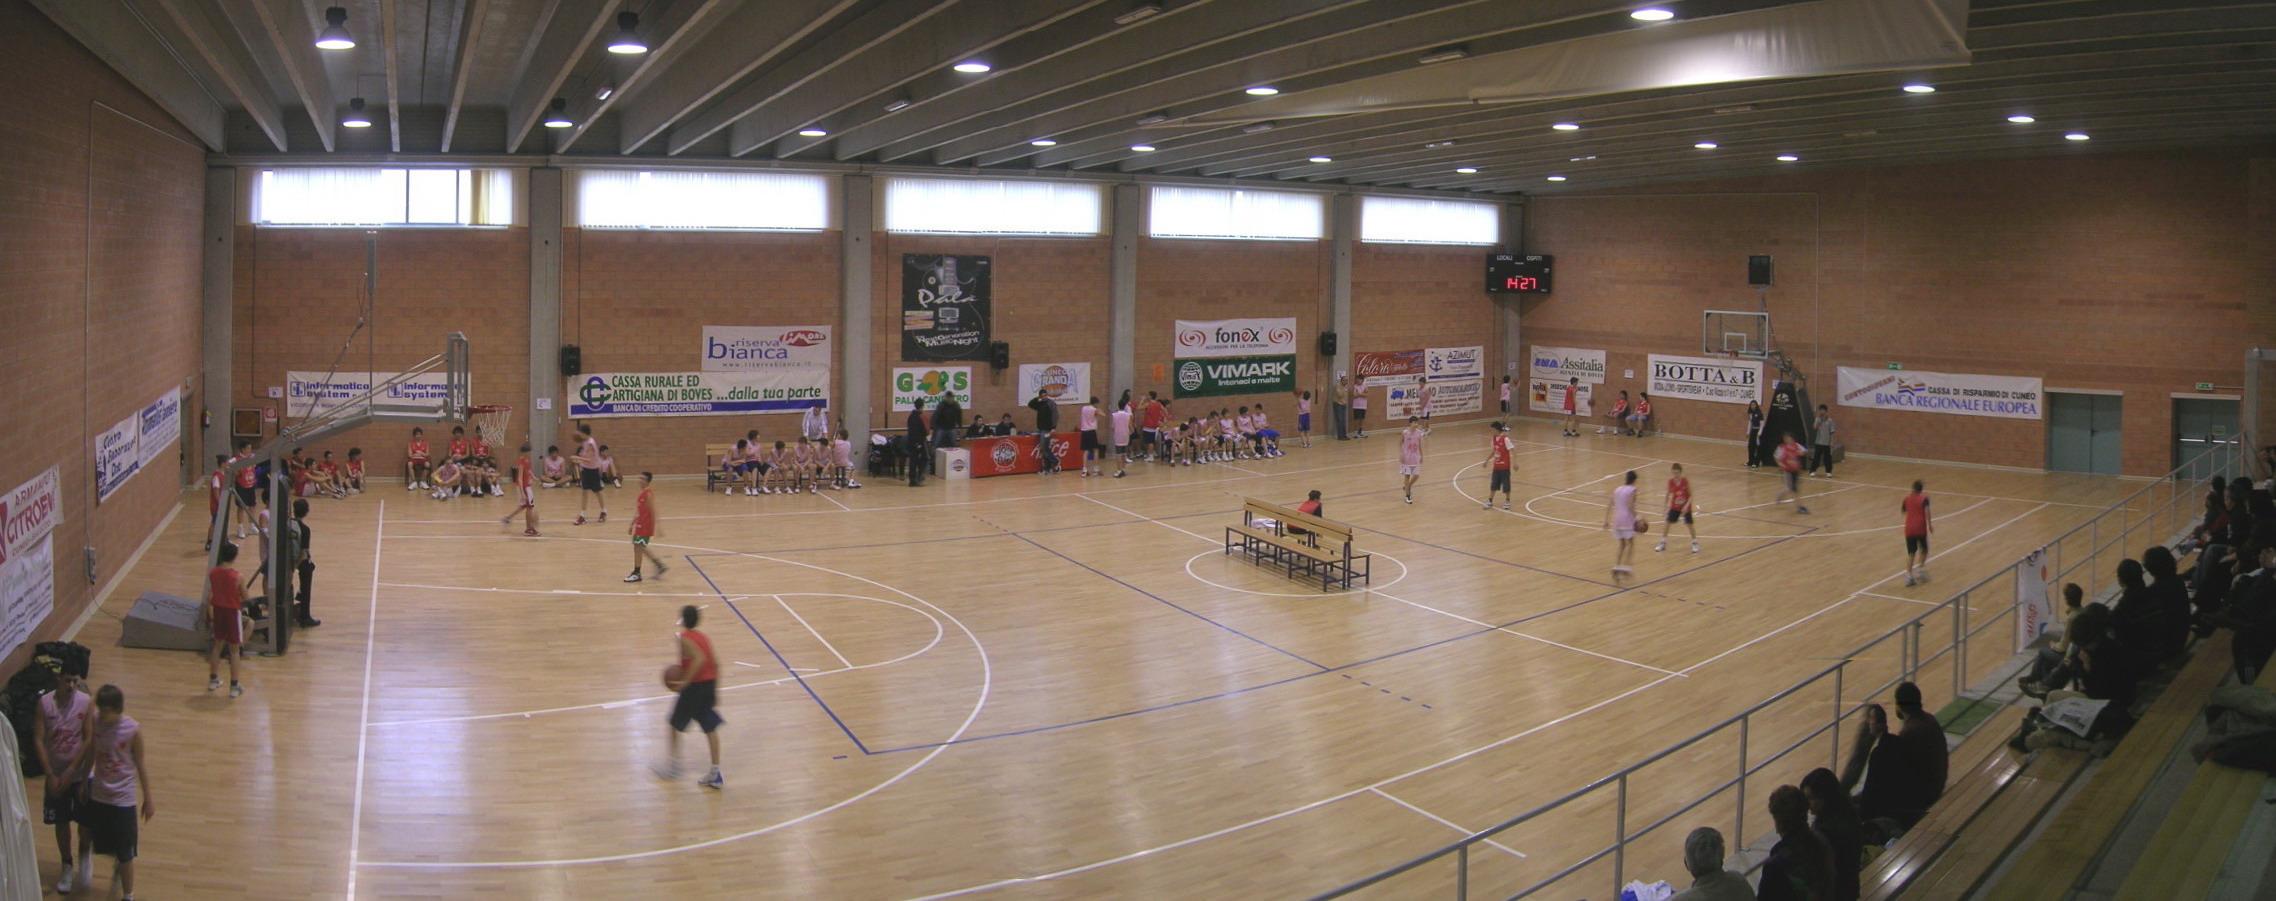 Palazzetto 'Sport Area', Cuneo,  Italia